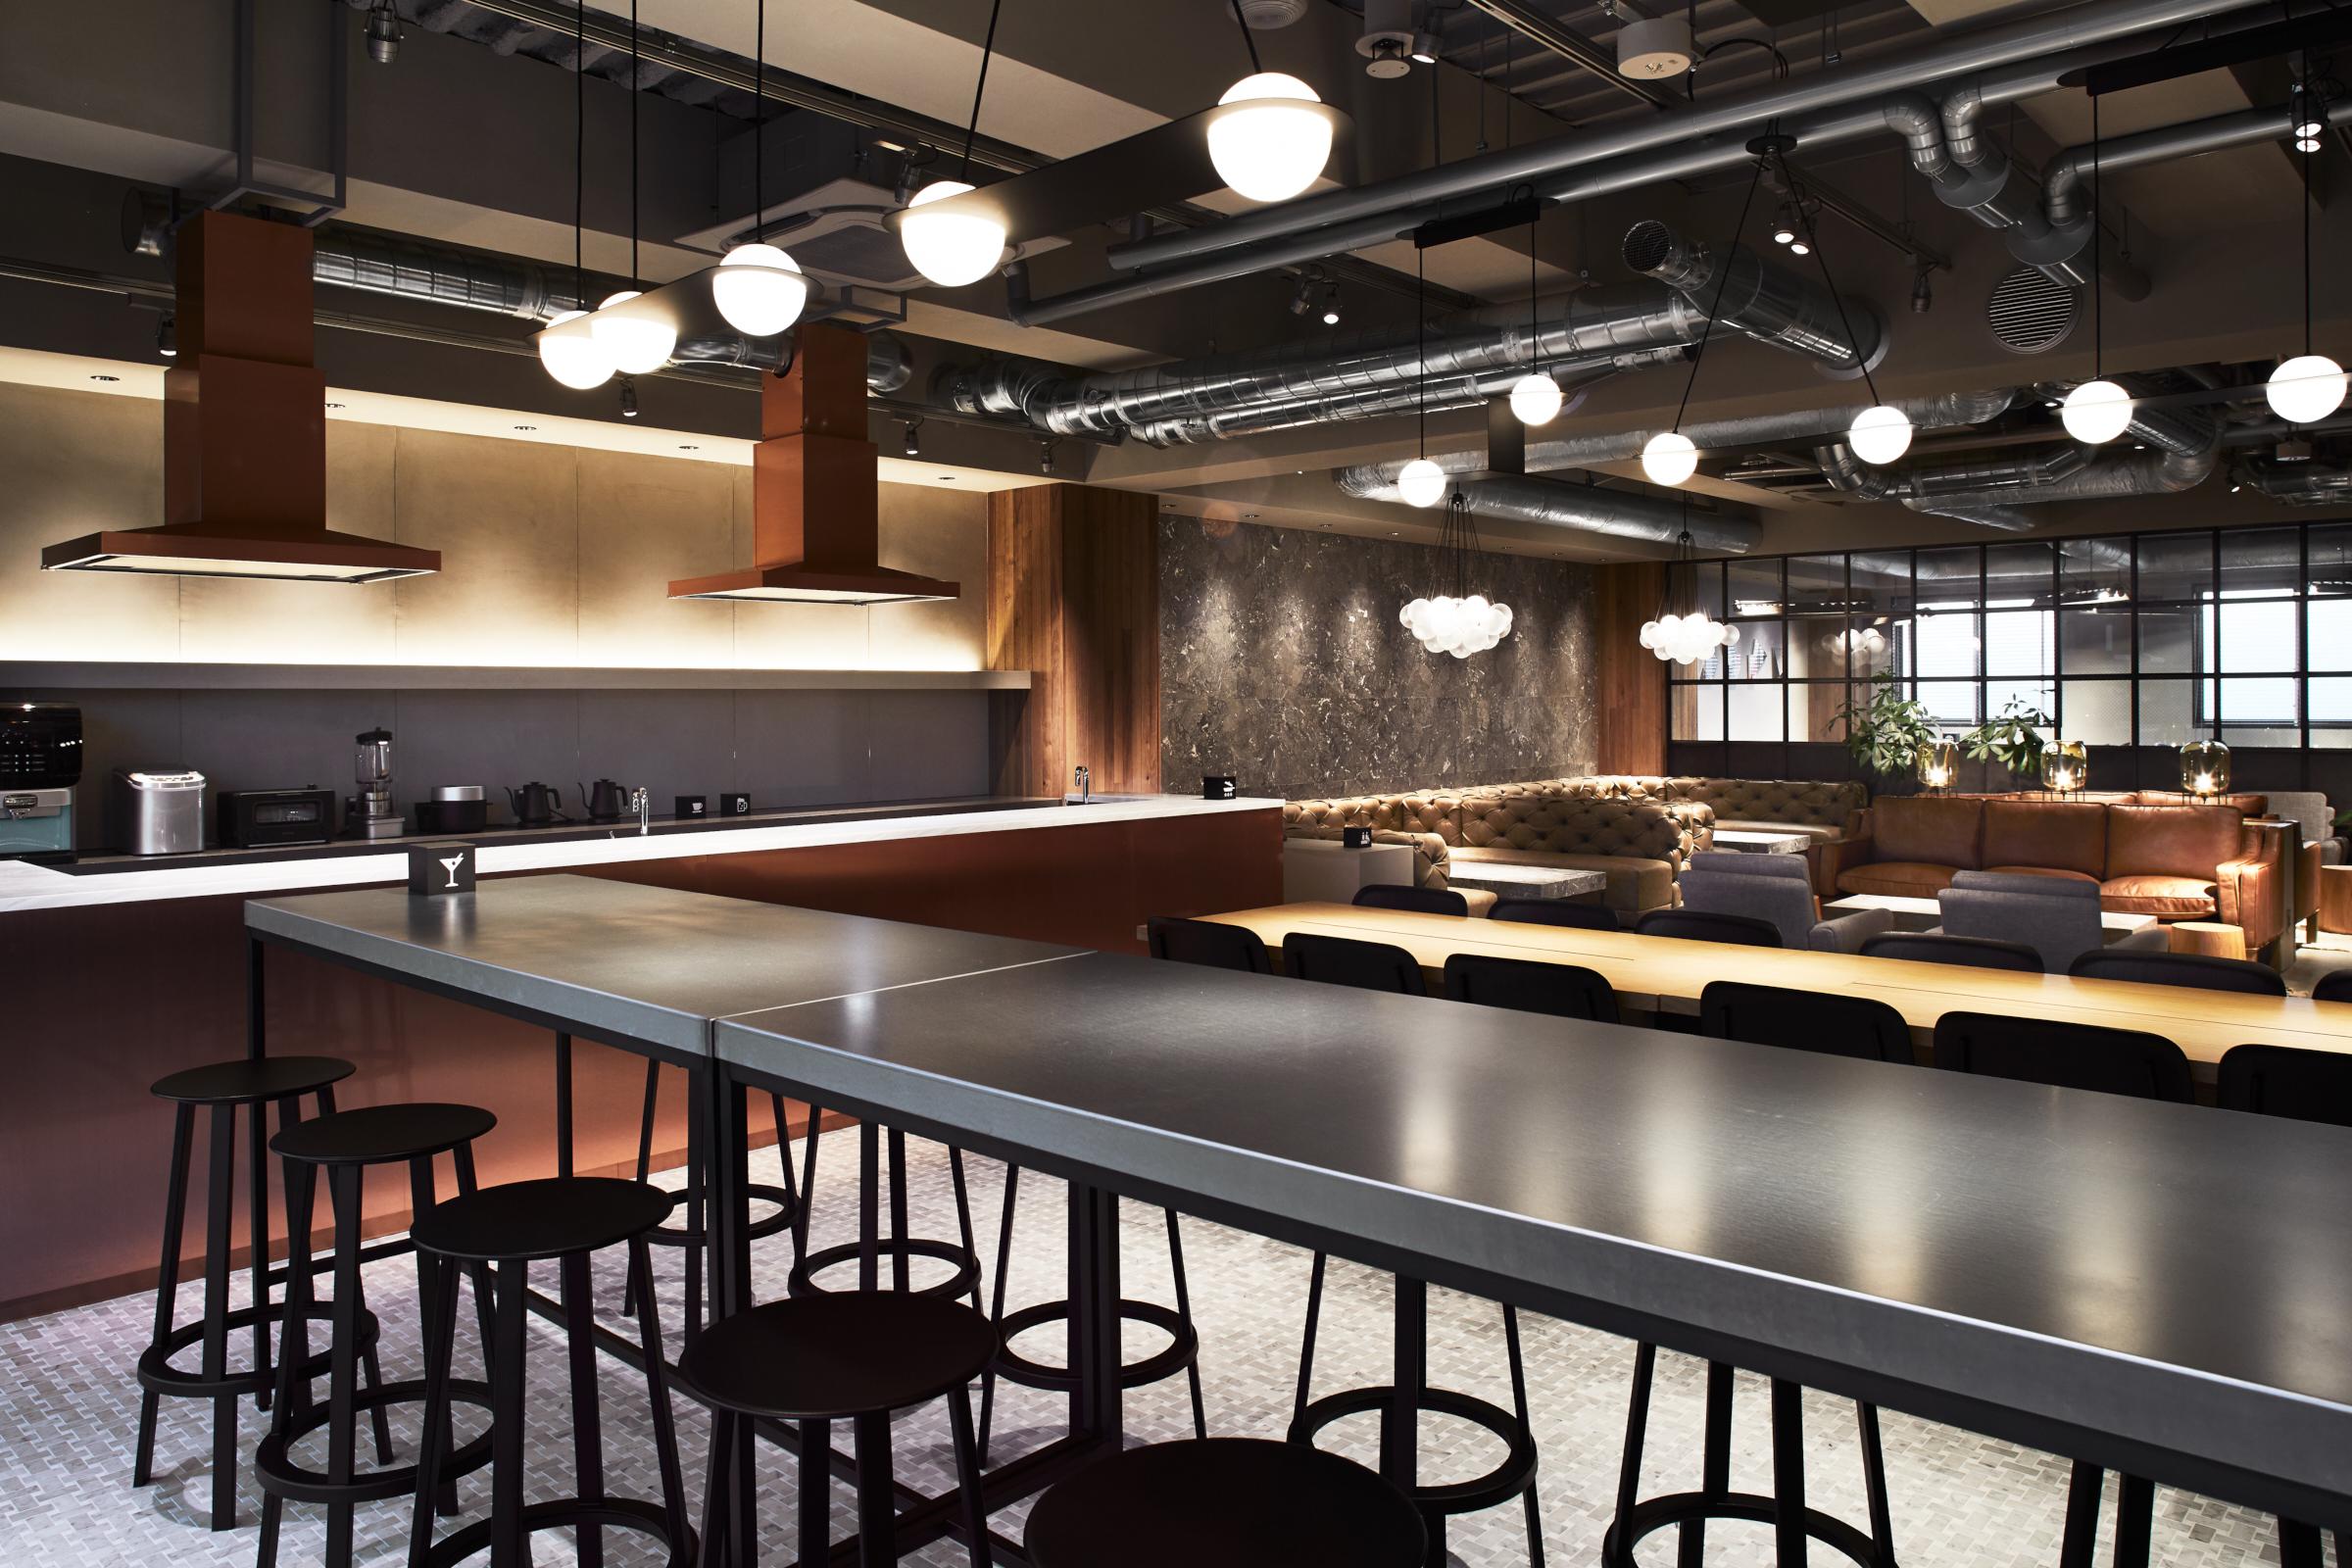 ラウンジには、バルミューダの調理家電などが揃った広々としたキッチンスペースが併設されています。